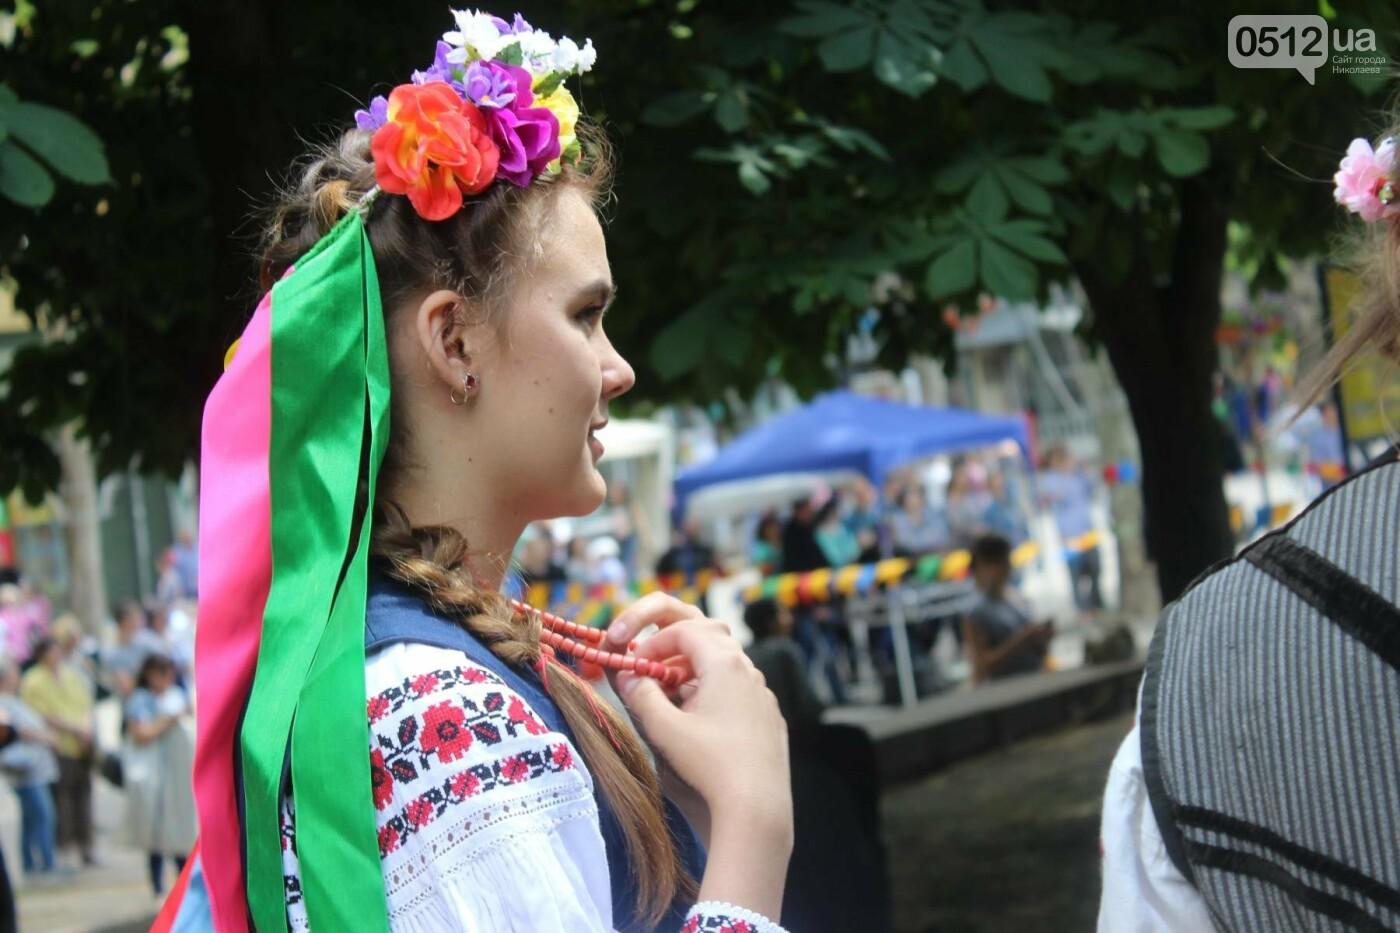 В Николаеве отпраздновали День семьи, - ФОТО, фото-4